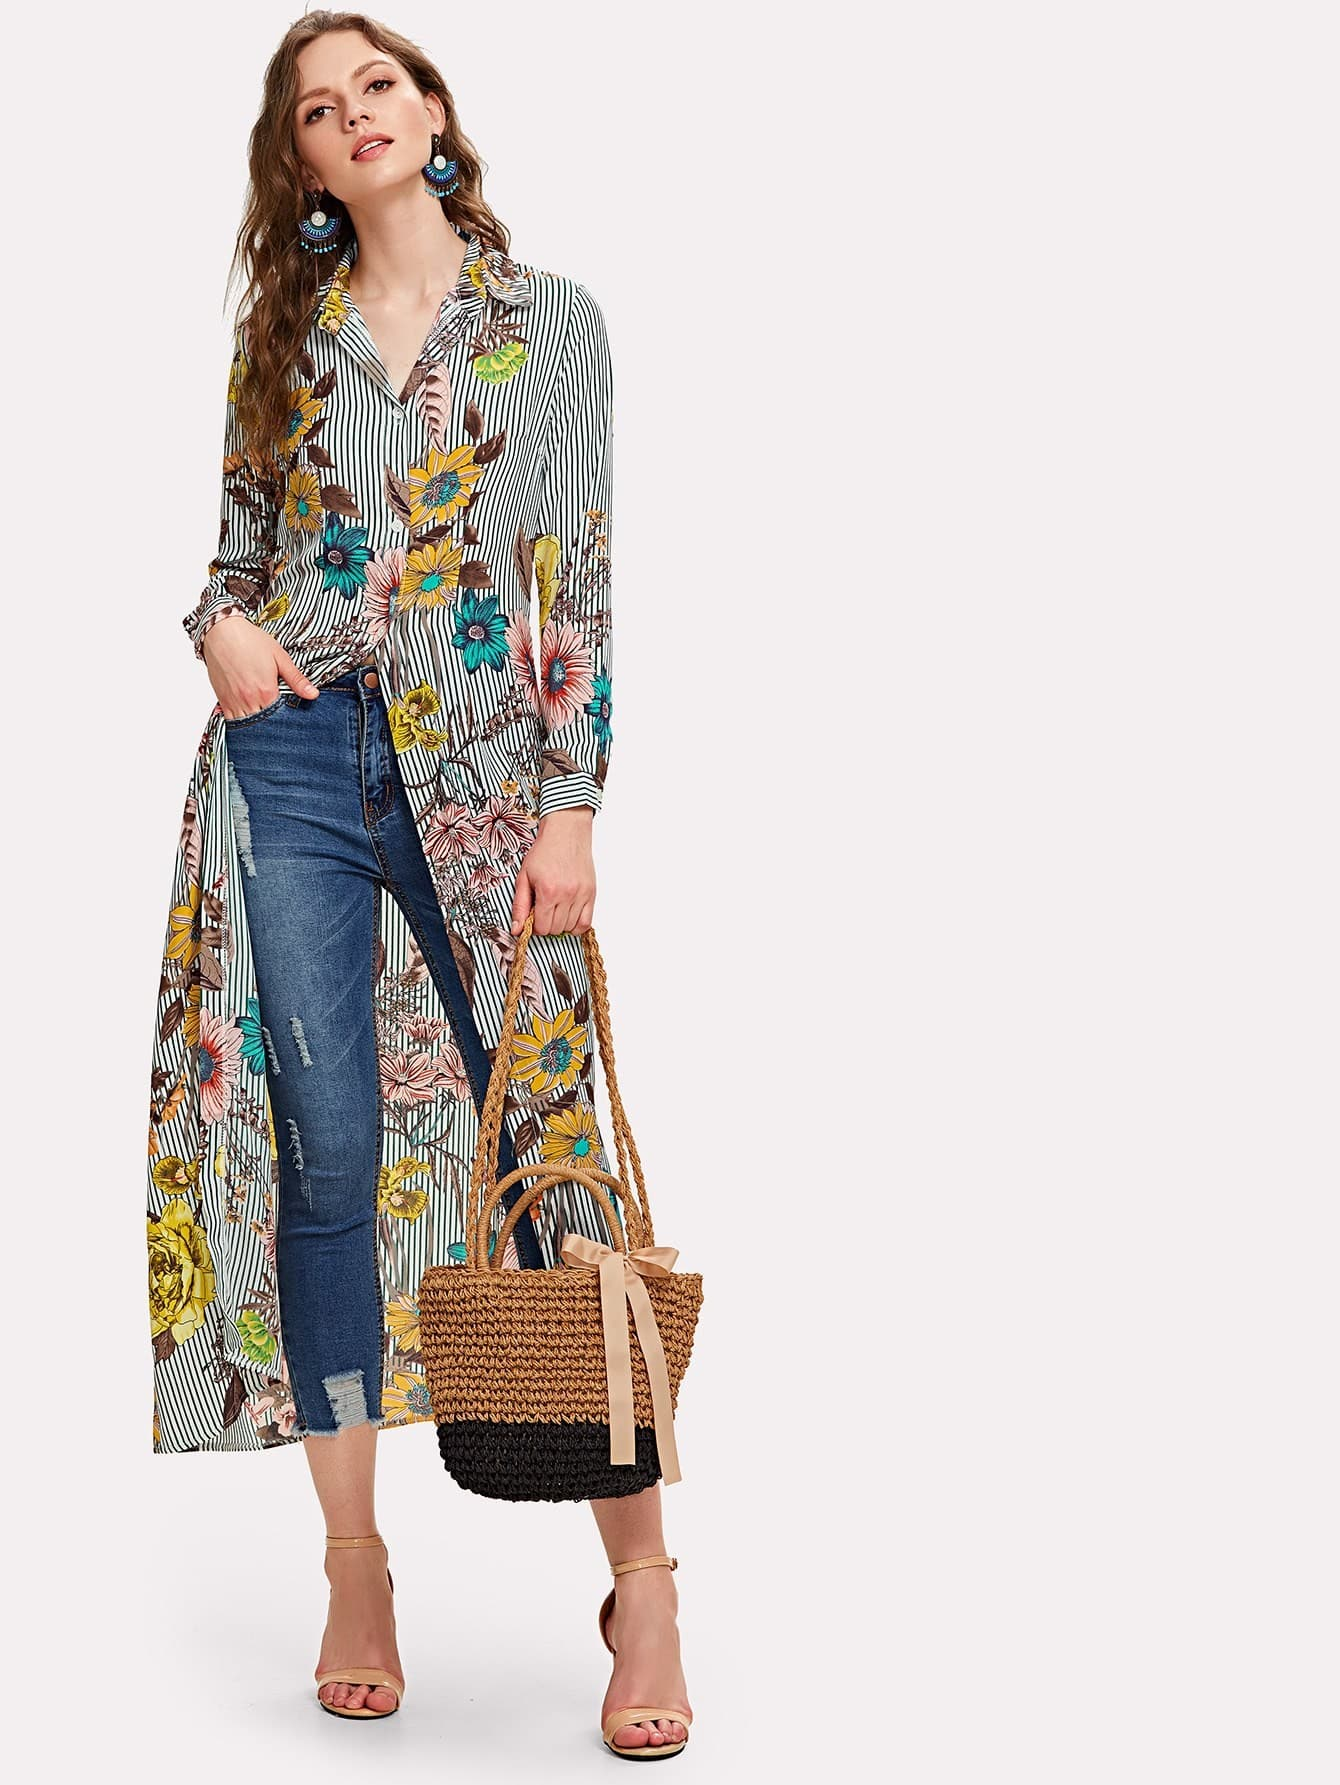 Купить Вертикальная полосатая флора Янтарная рубашка, Muffy, SheIn